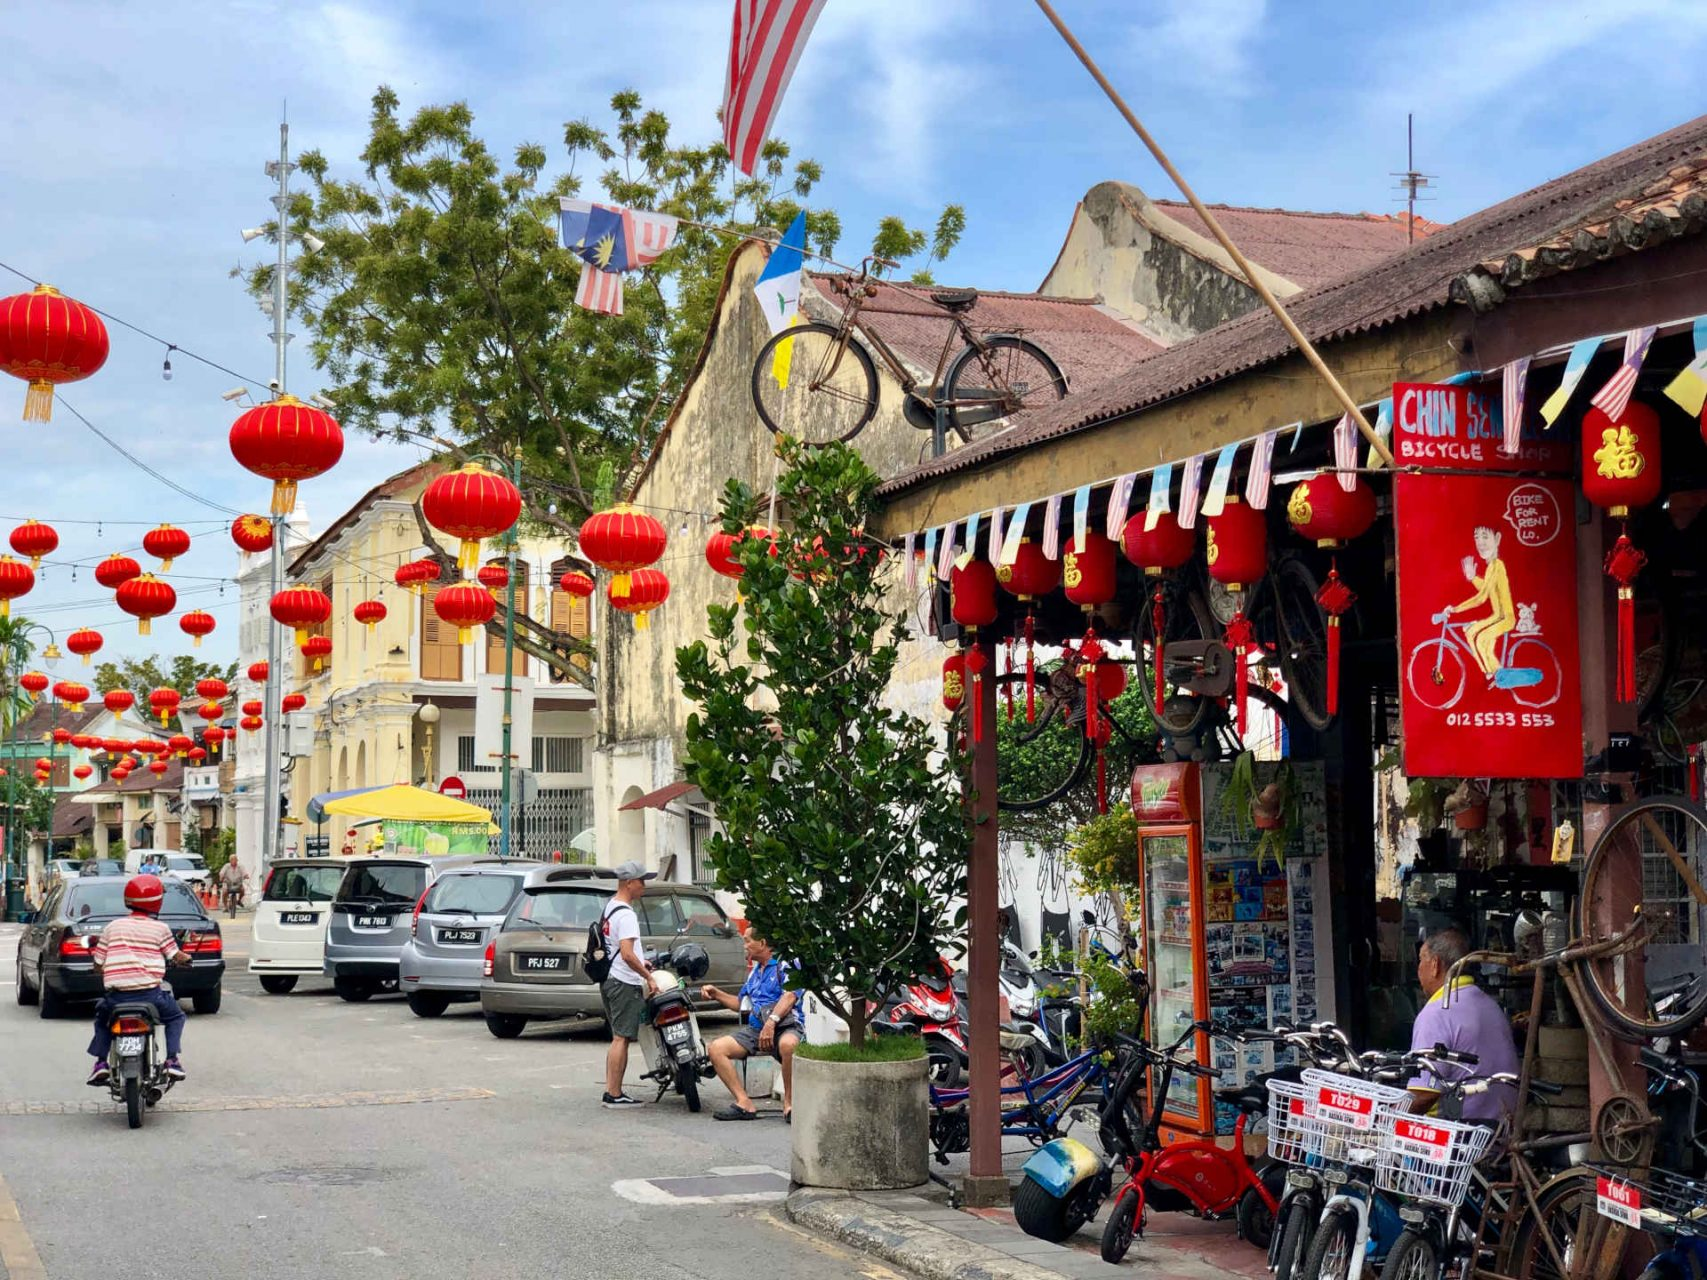 Georgetown street view, Penang